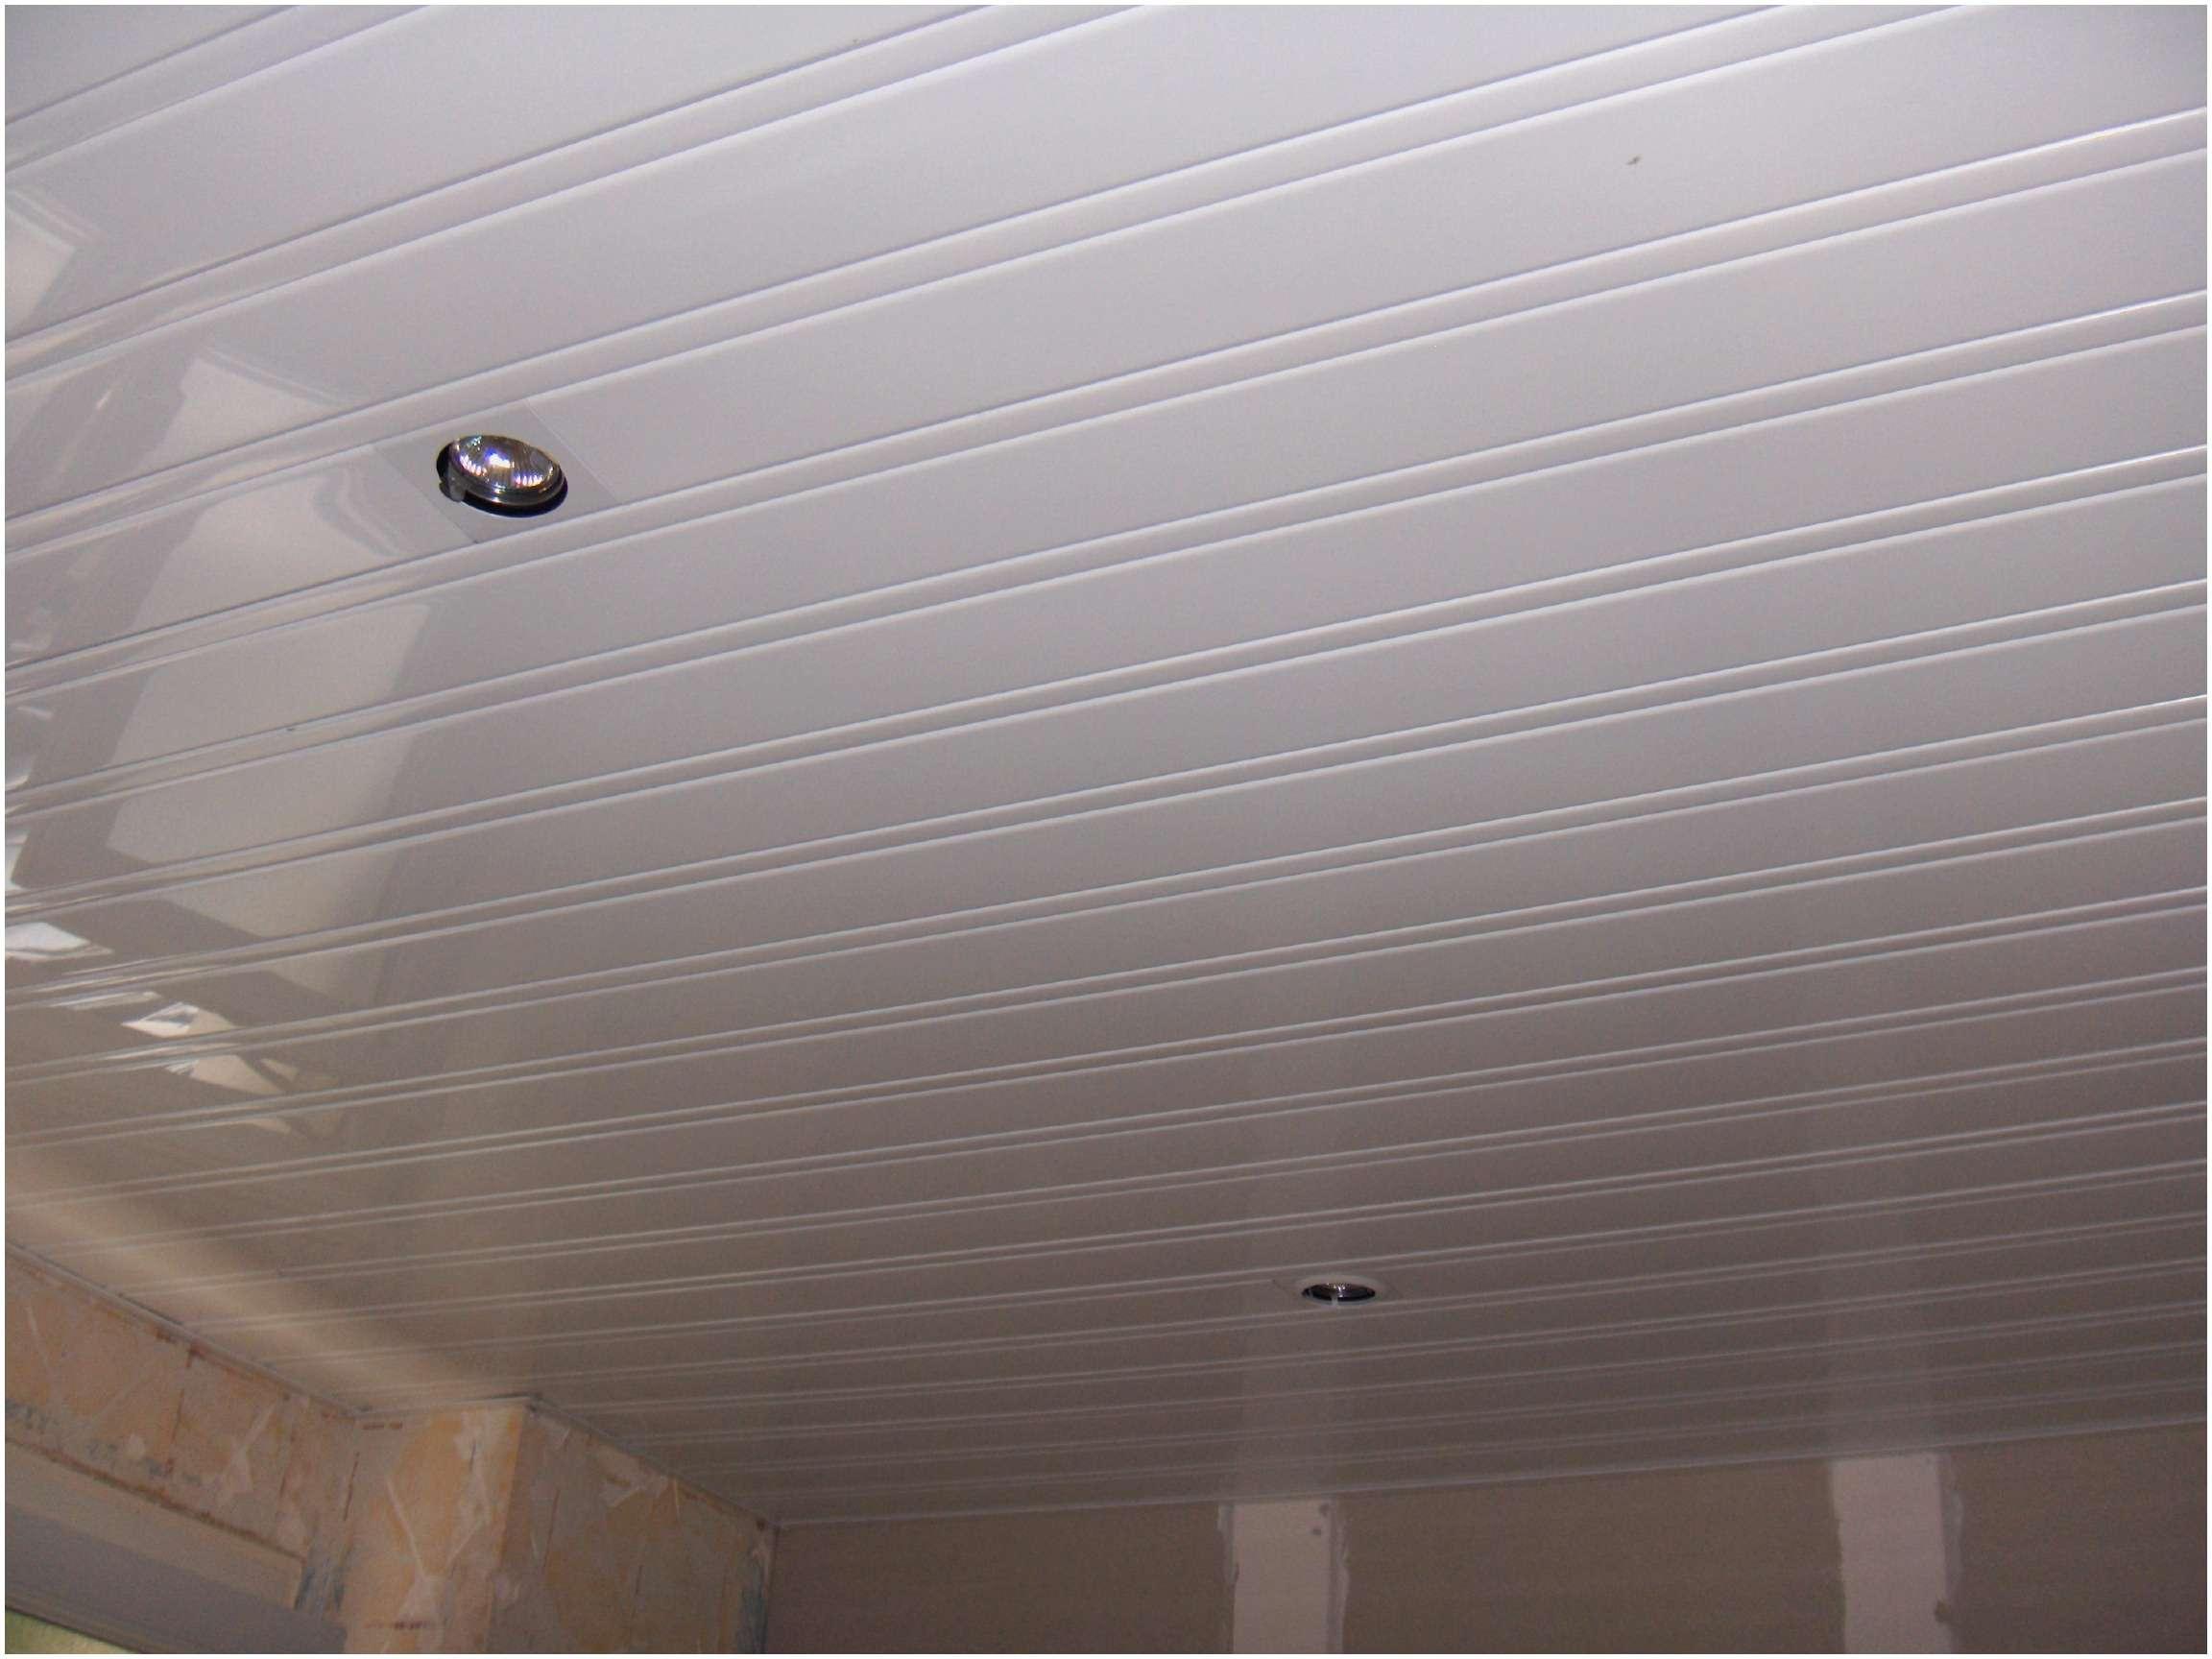 Dalle Faux Plafond 60×60 Brico Depot – Gamboahinestrosa concernant Dalle Plafond 60X60 Brico Dépôt